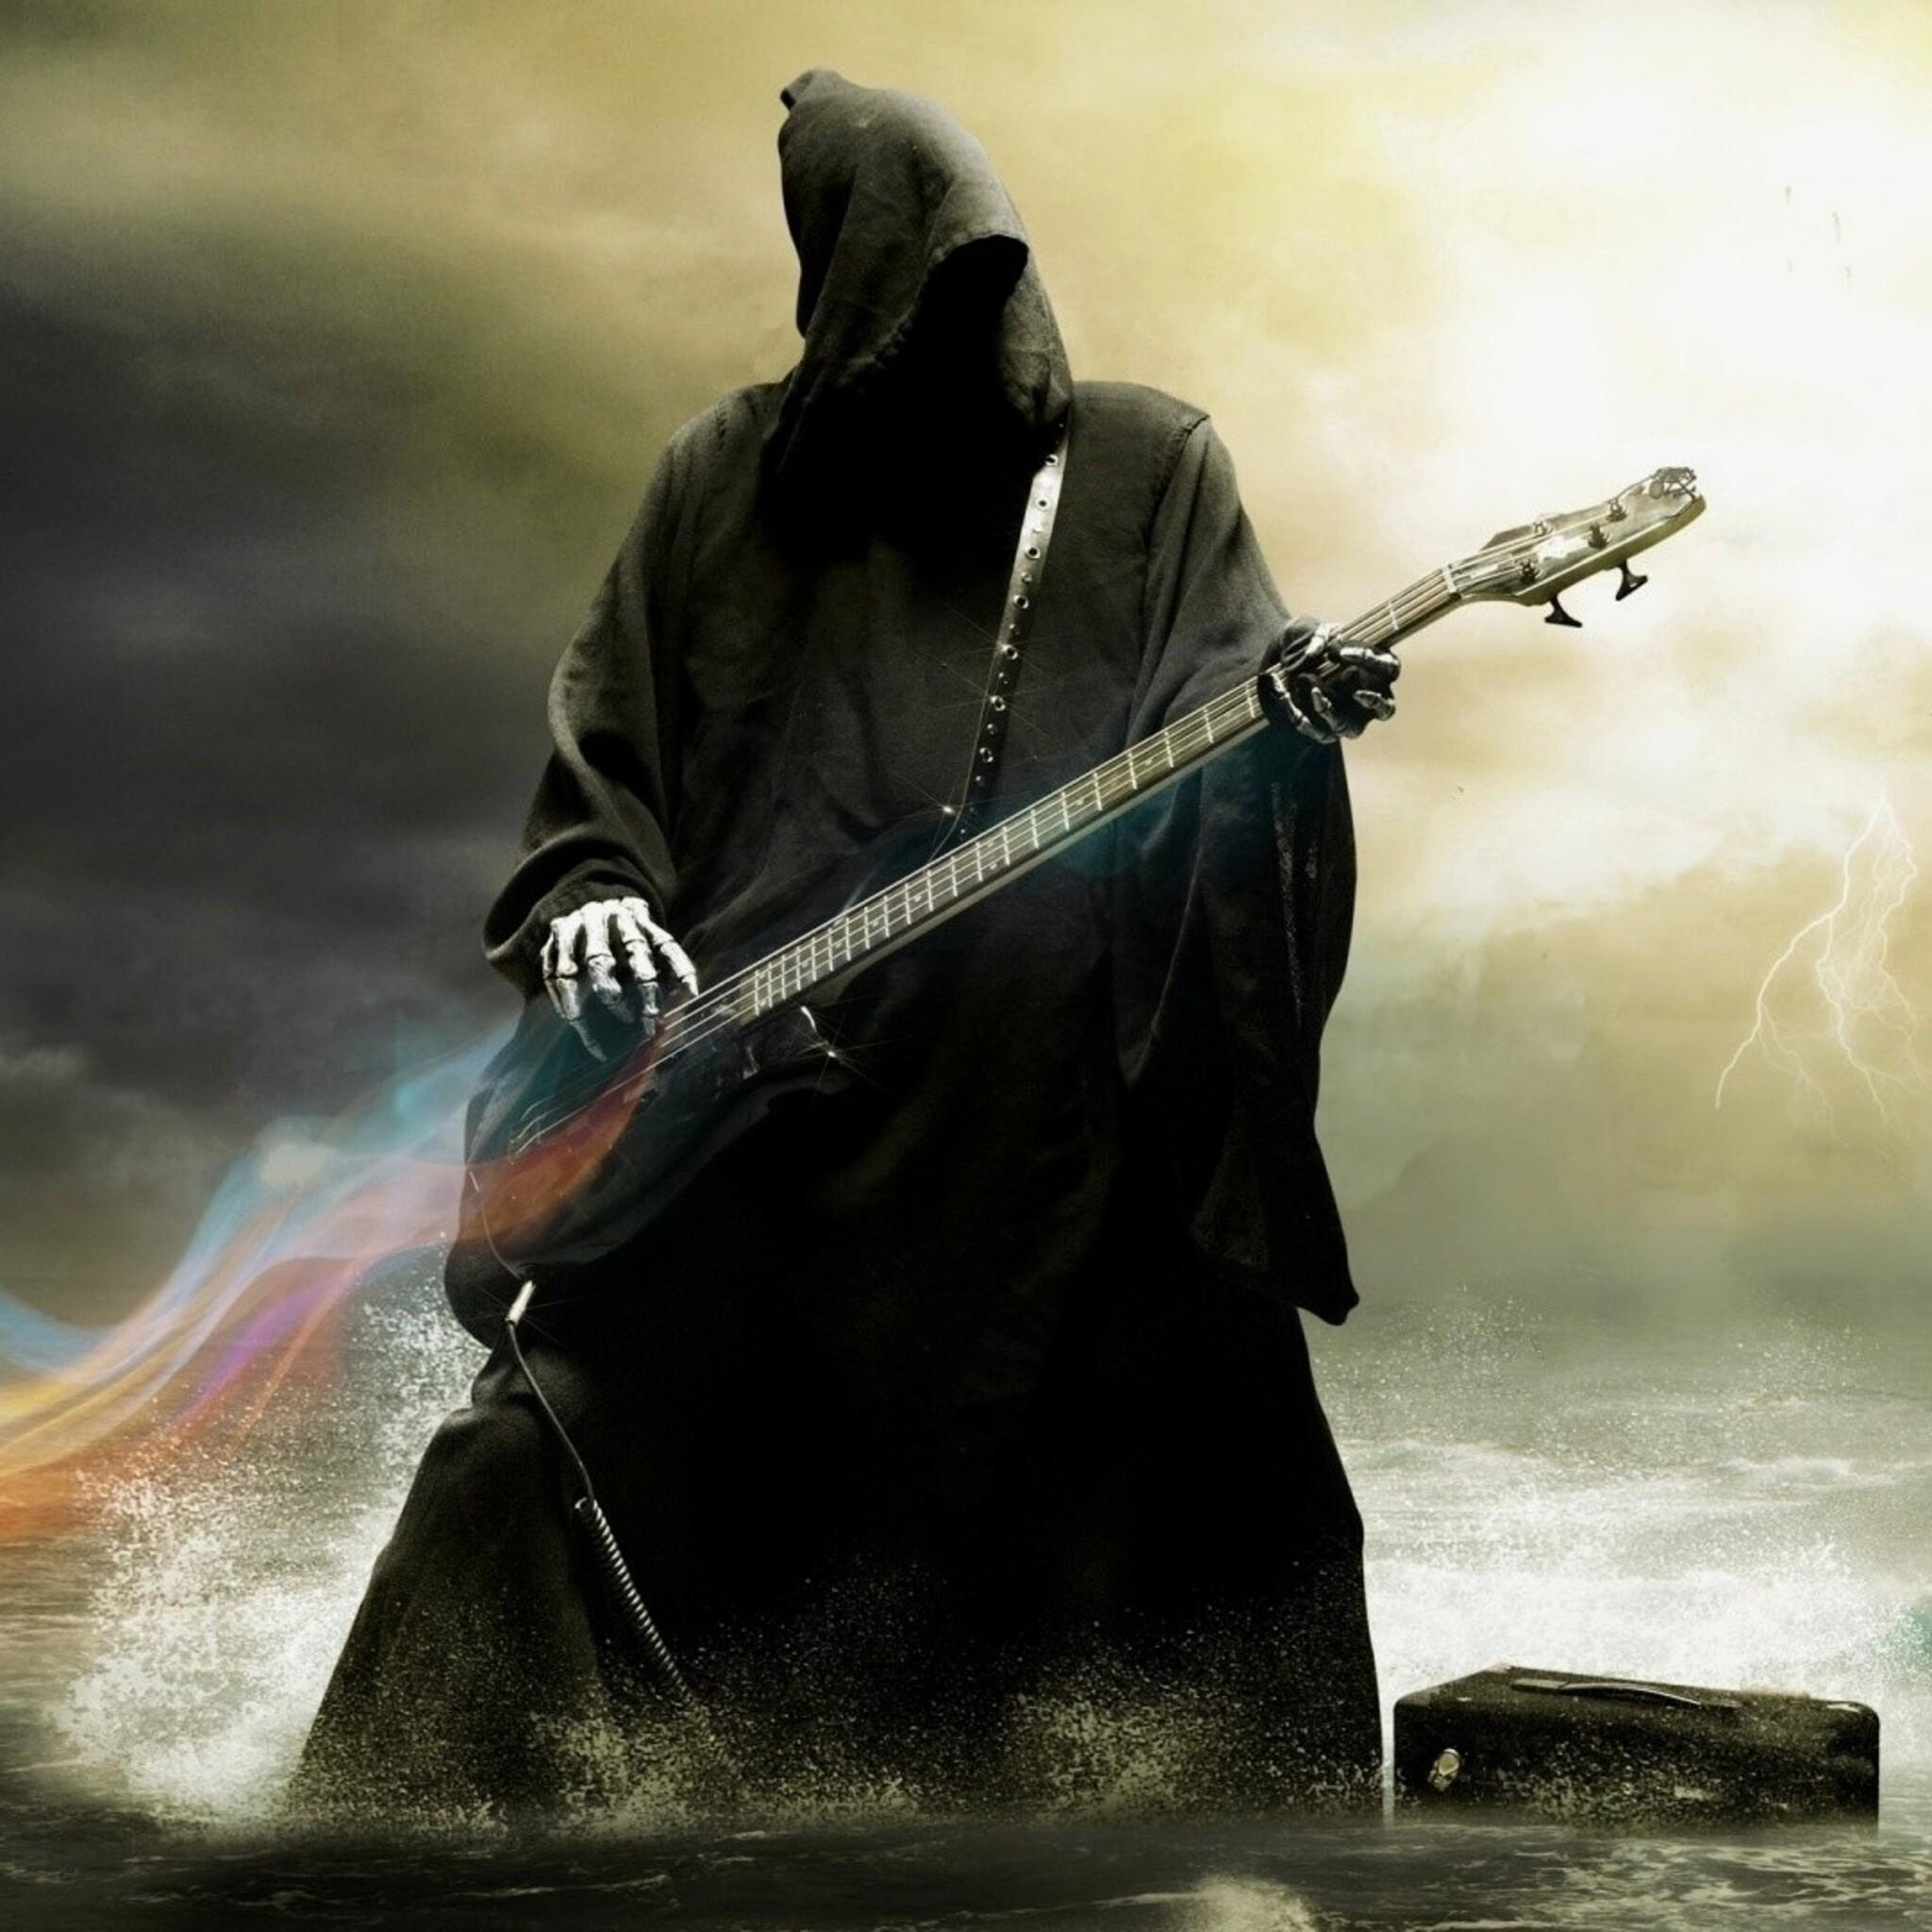 Skull Guitar Wallpaper Hd: 2048x2048 Grim Reaper Playing Guitar Ipad Air HD 4k